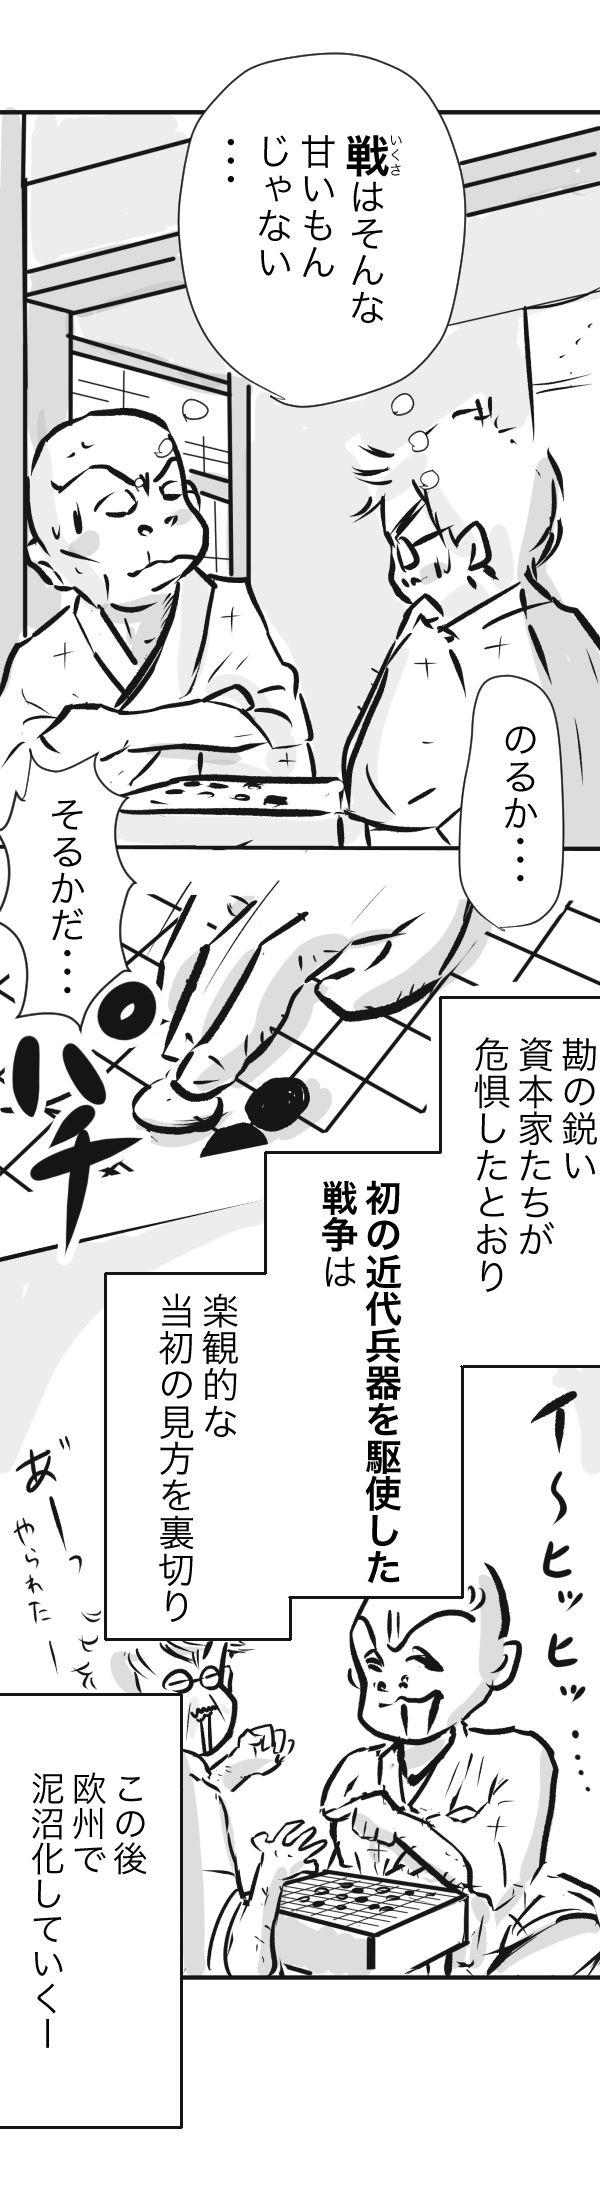 金沢 7−4−4